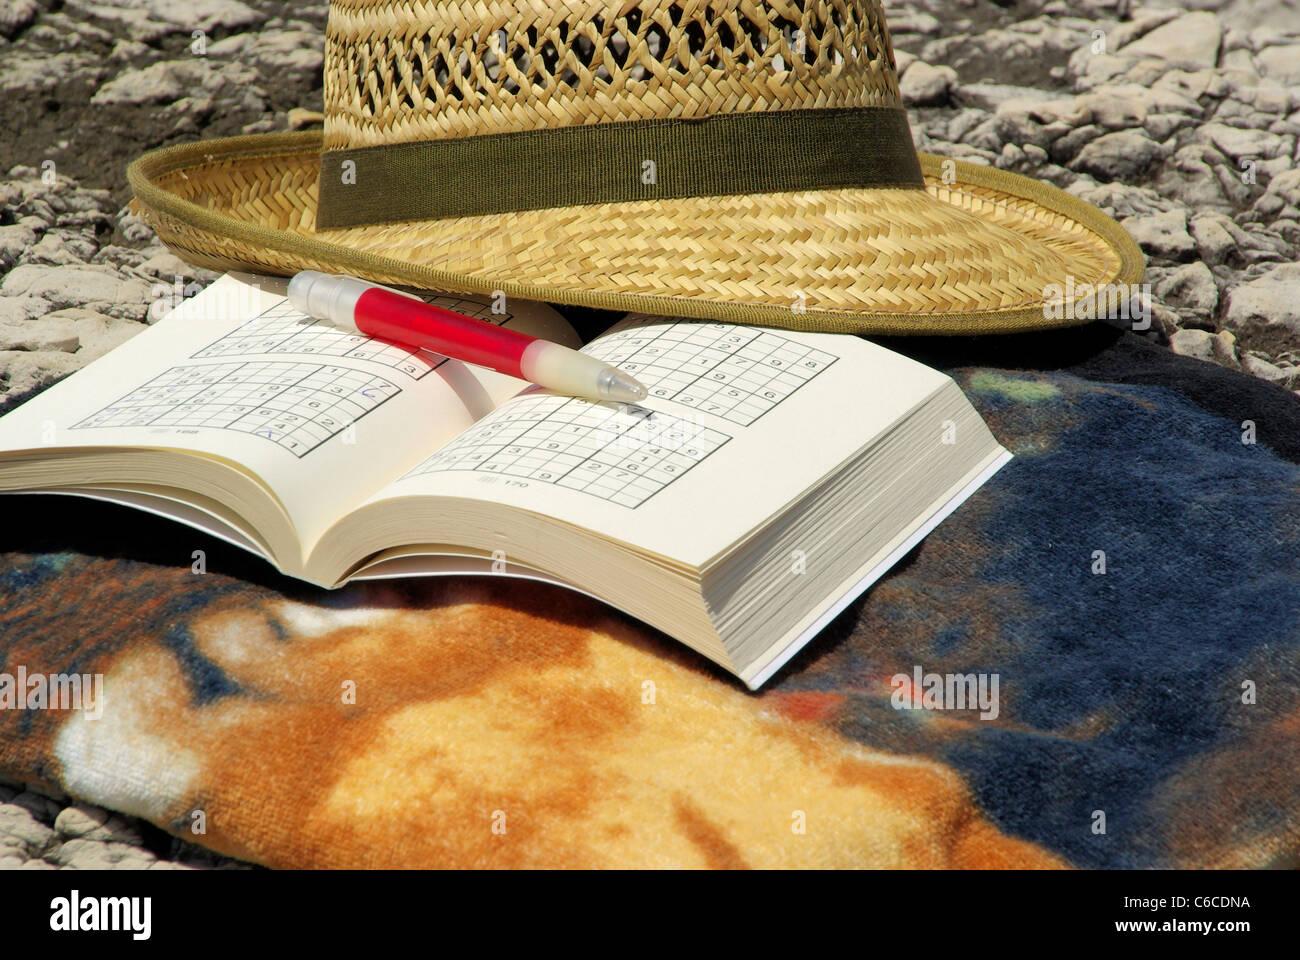 Sudoku 03 - Stock Image